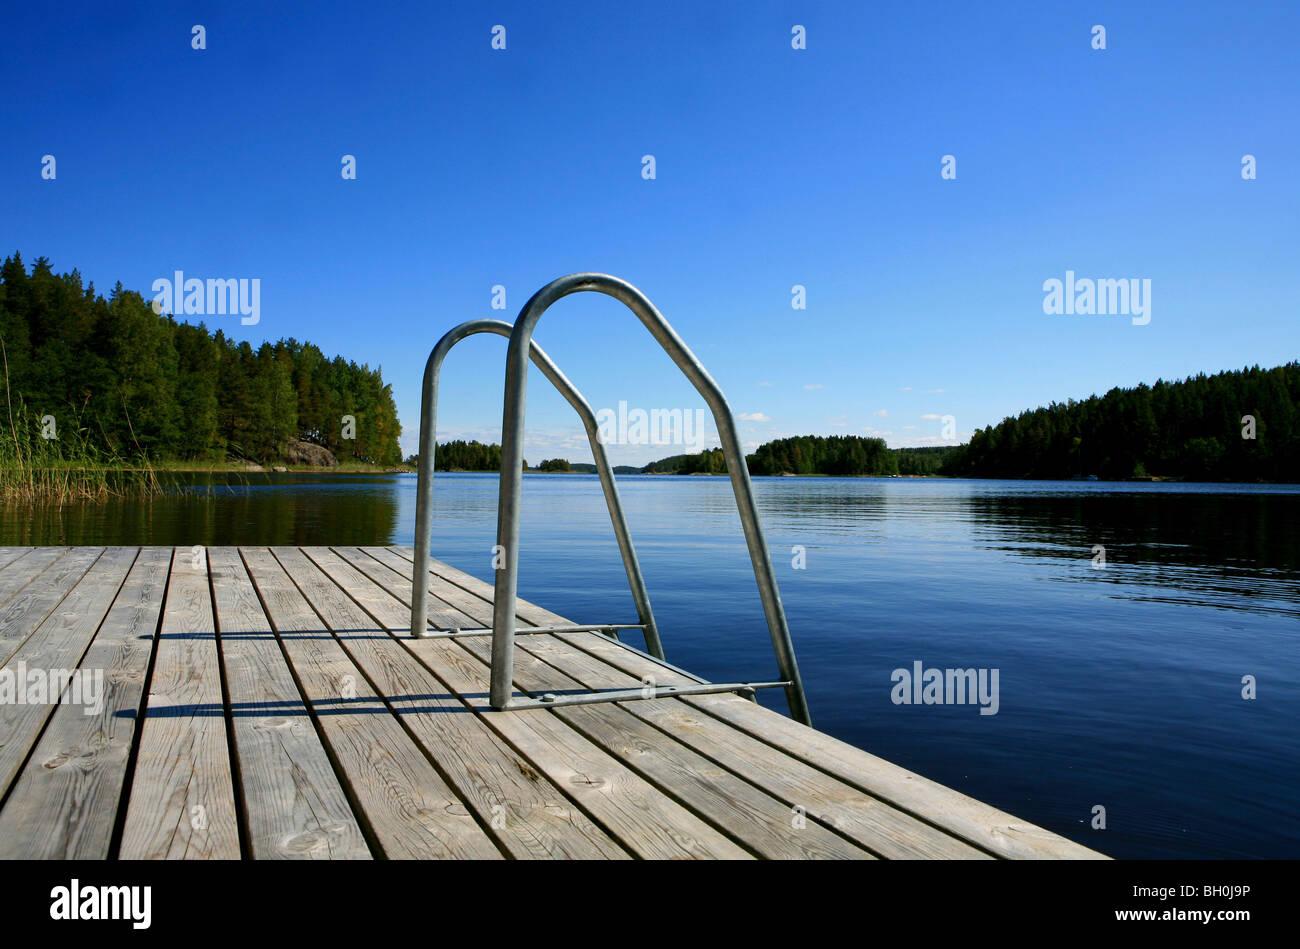 Muelle privado en una bahía, bajo un cielo azul, el distrito del lago Saimaa, Finlandia, Europa Imagen De Stock